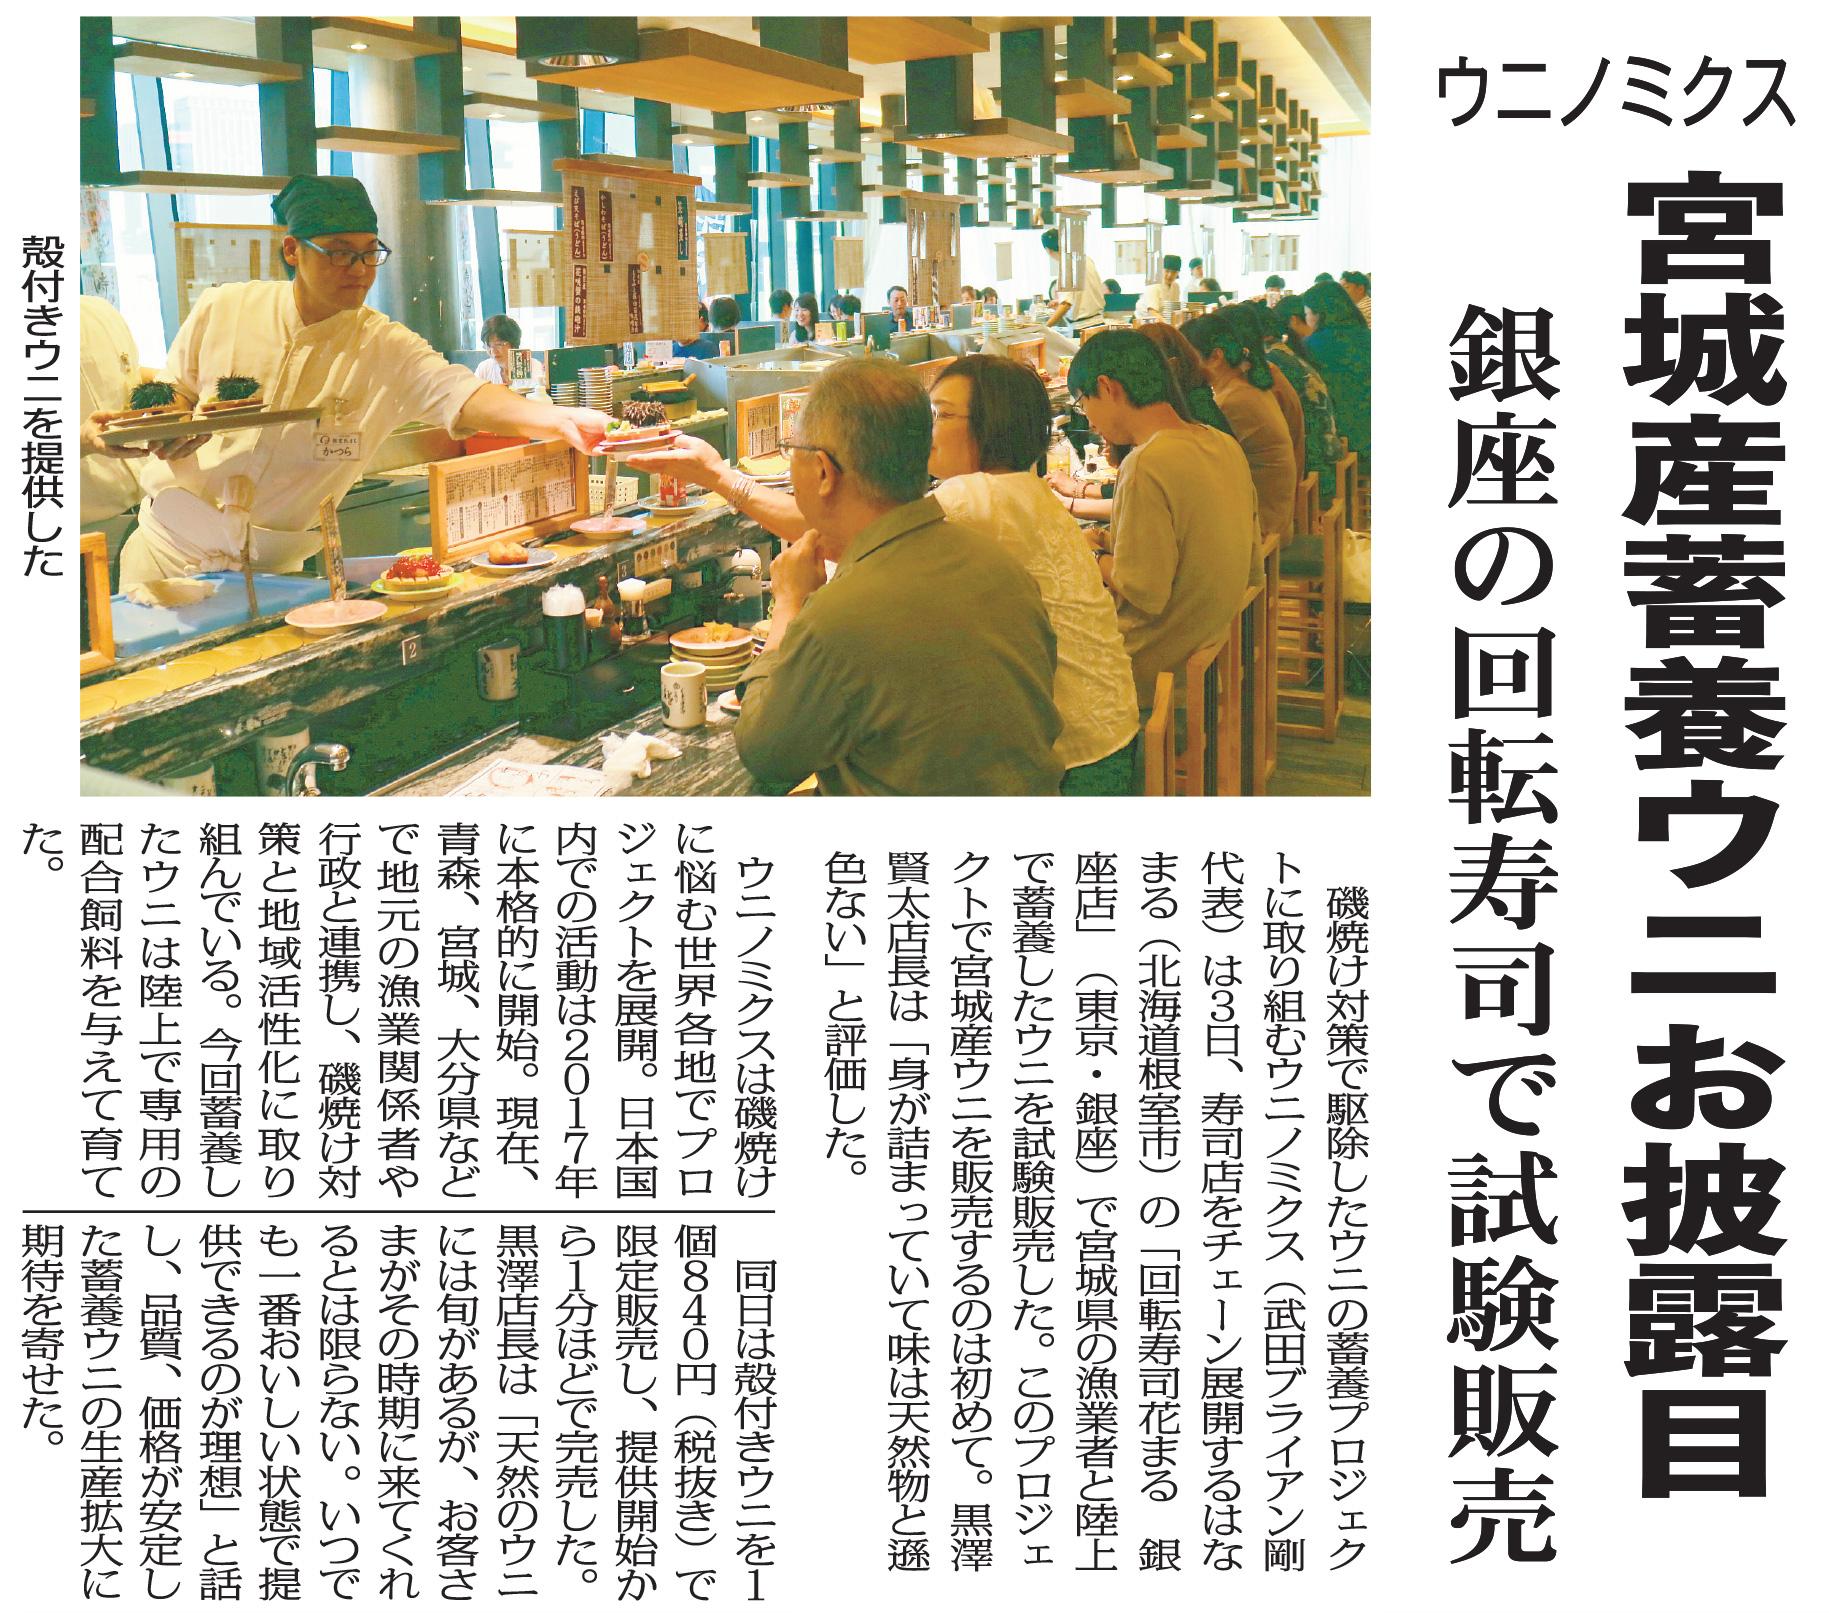 2019.08.15.みなと新聞_ウニノミクス宮城県産畜養ウニお披露目.jpg